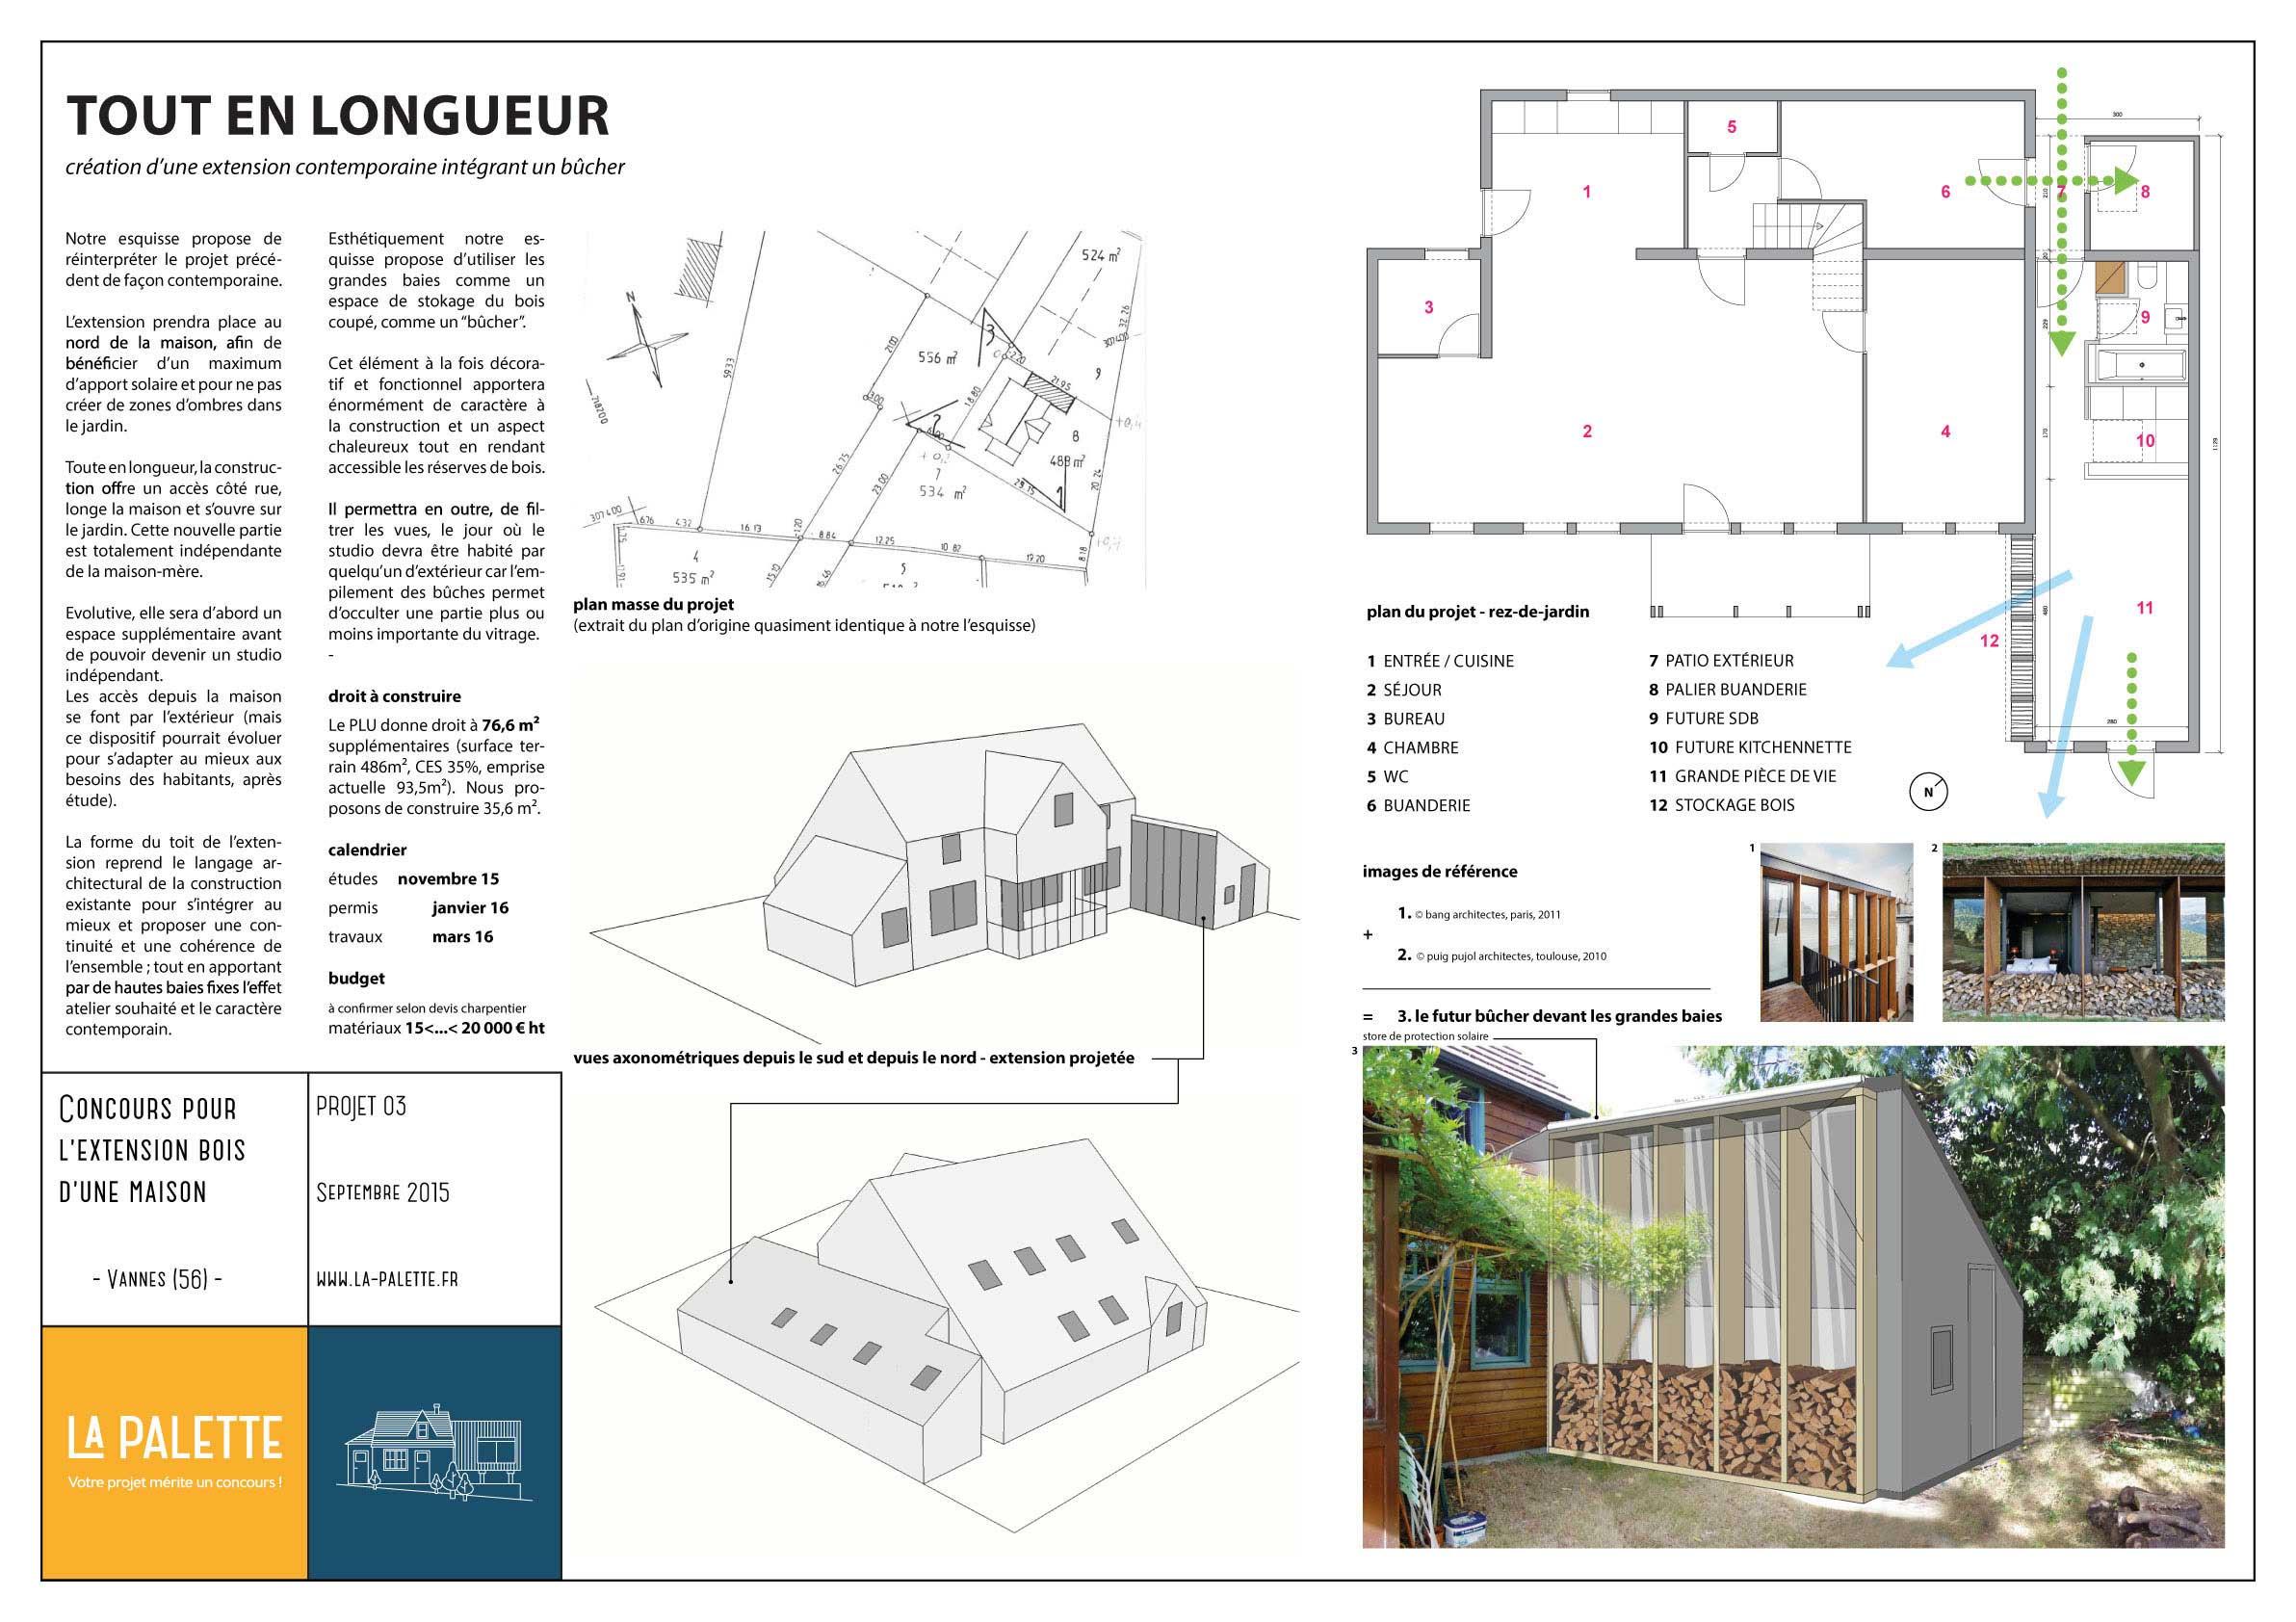 La palette vous aide trouver votre architecte for Projet extension